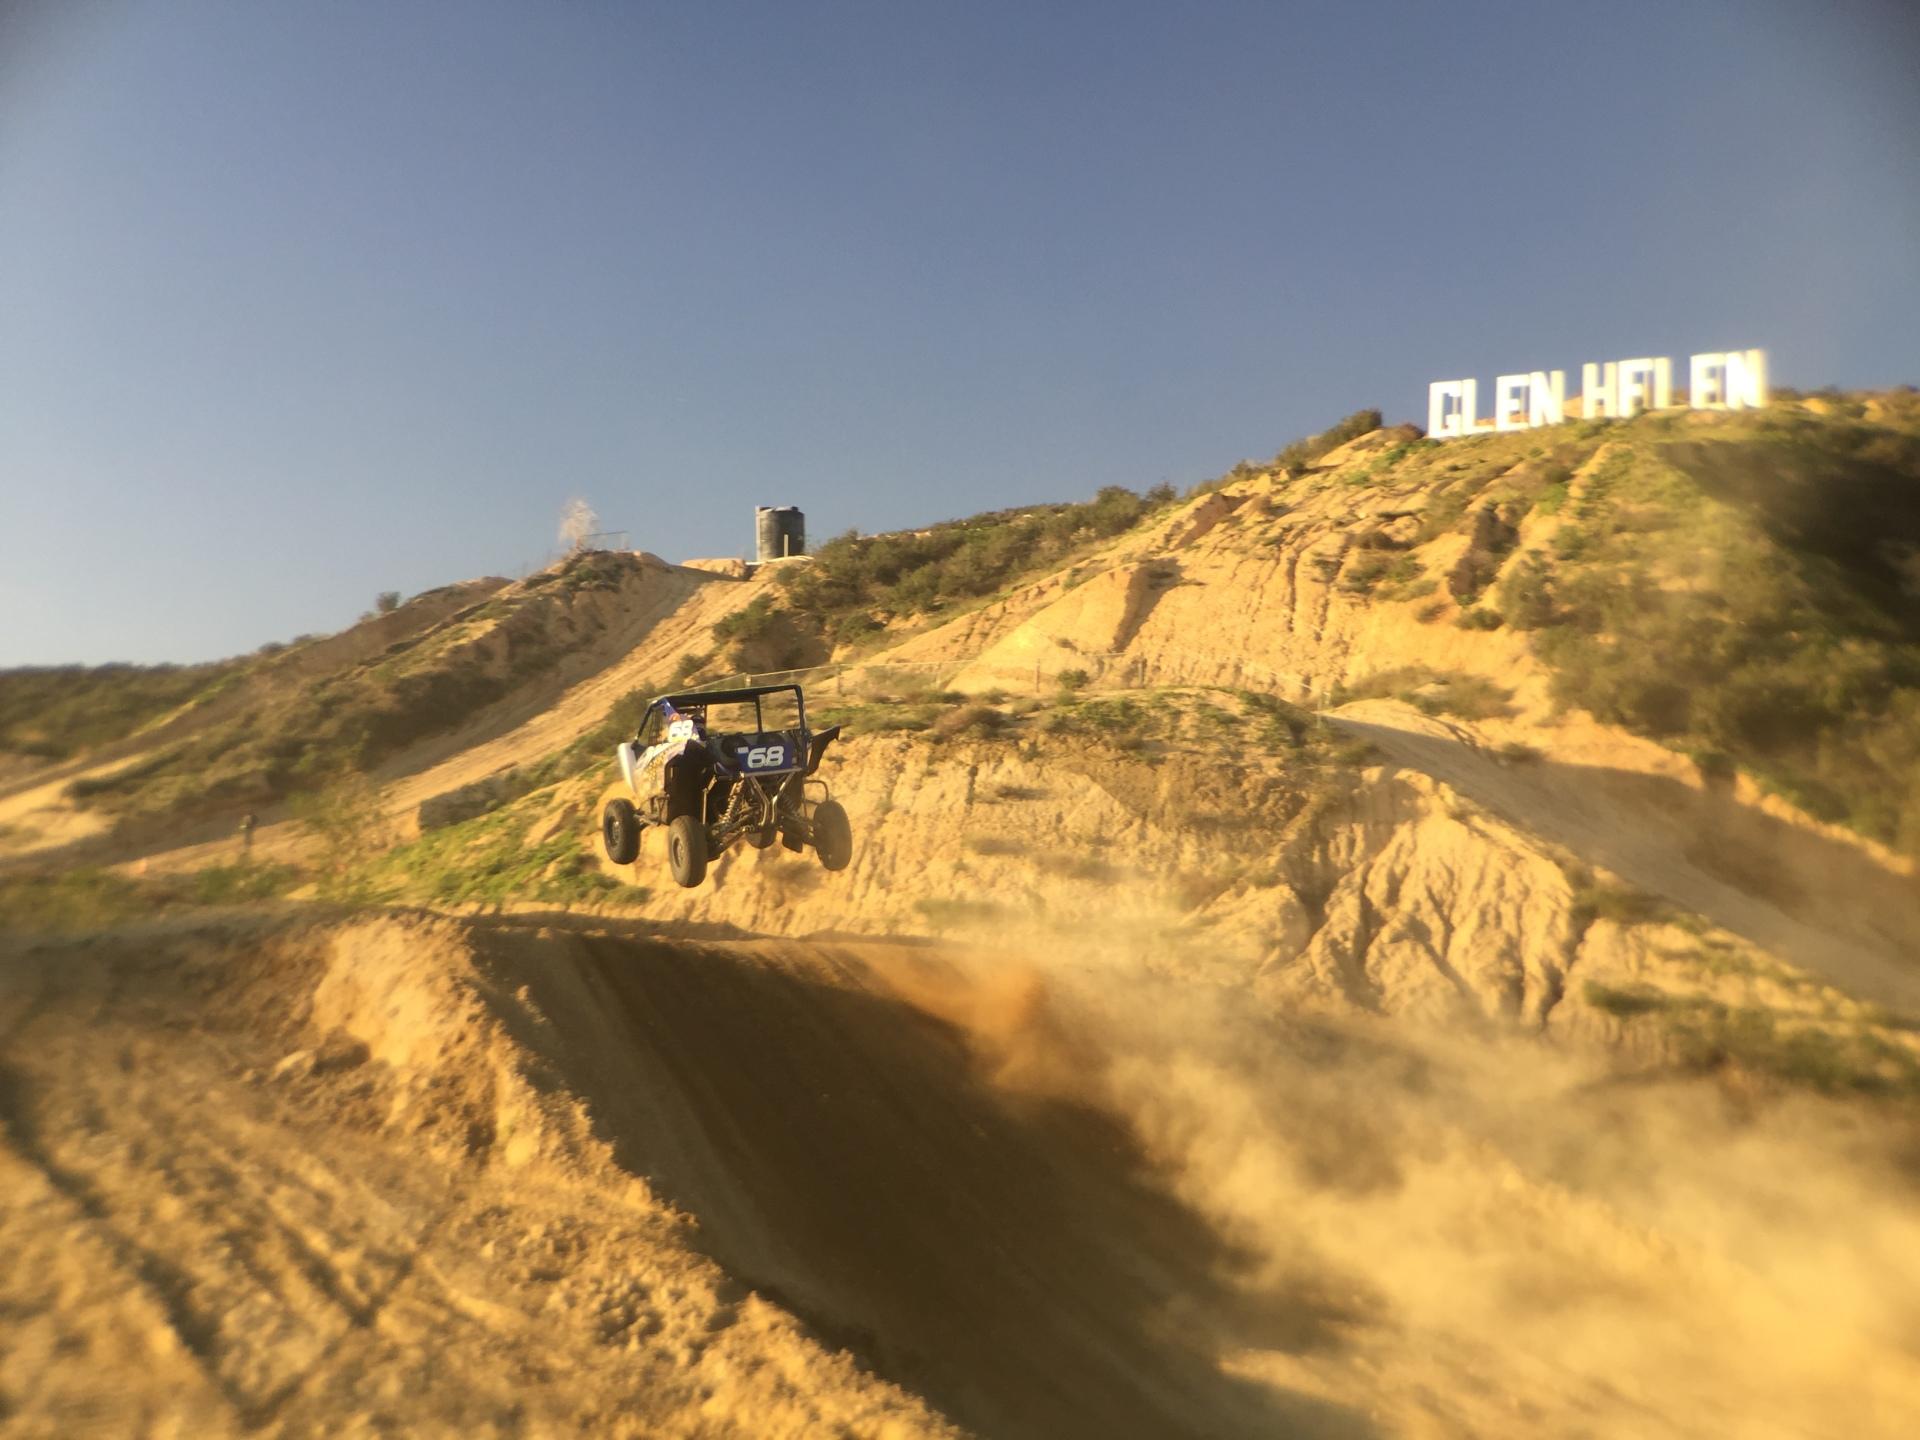 Glen Helen Dirt Series